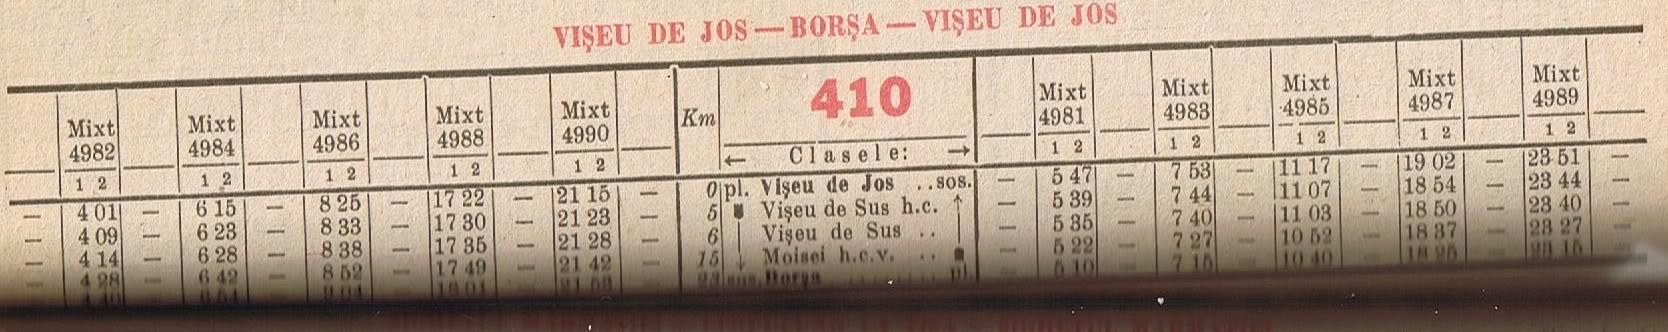 410 : Viseu de Jos - Borsa 004-2